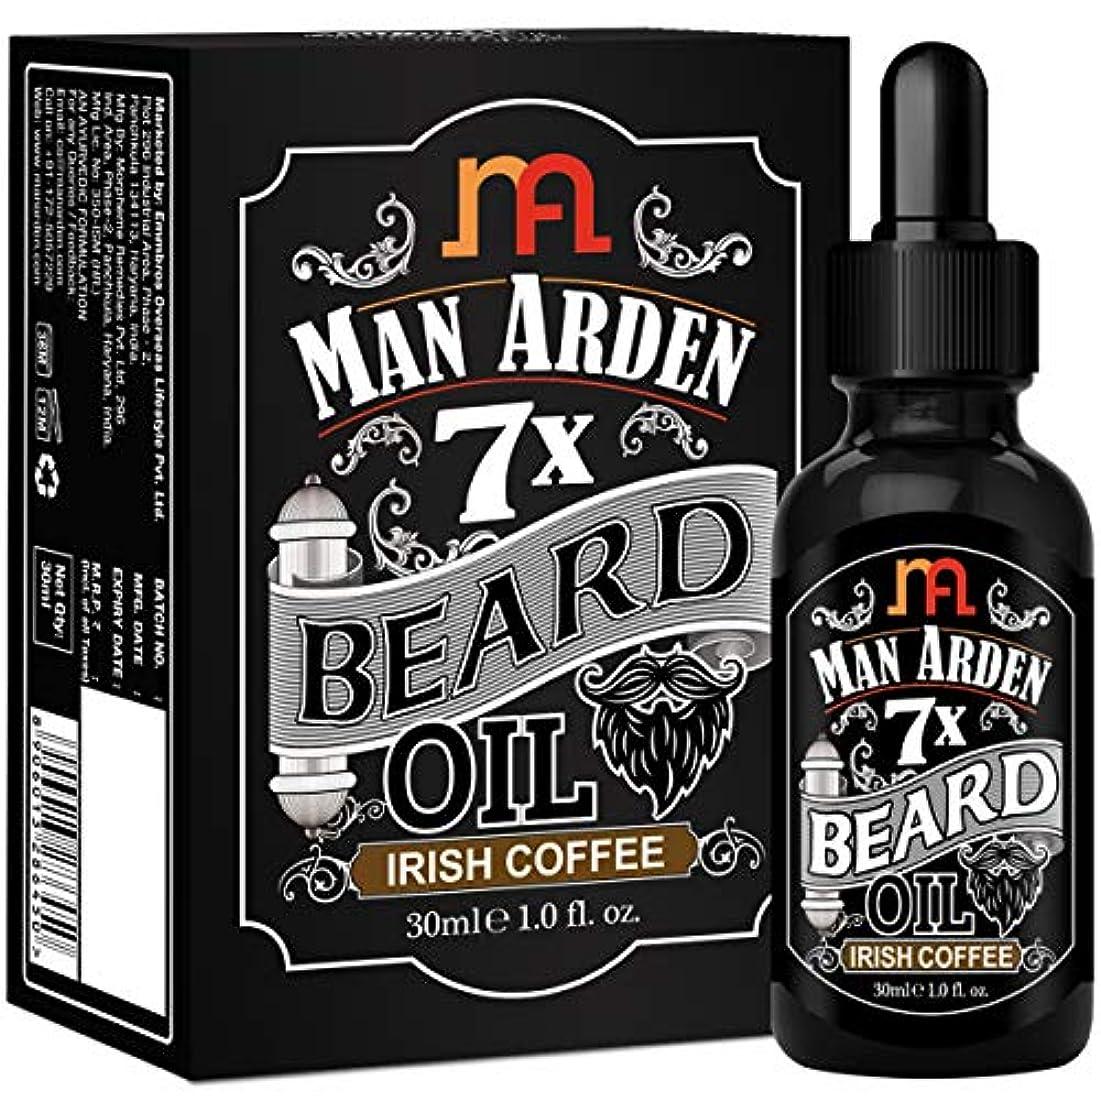 ポテトパウダー肩をすくめるMan Arden 7X Beard Oil 30ml (Irish Coffee) - 7 Premium Oils For Beard Growth & Nourishment